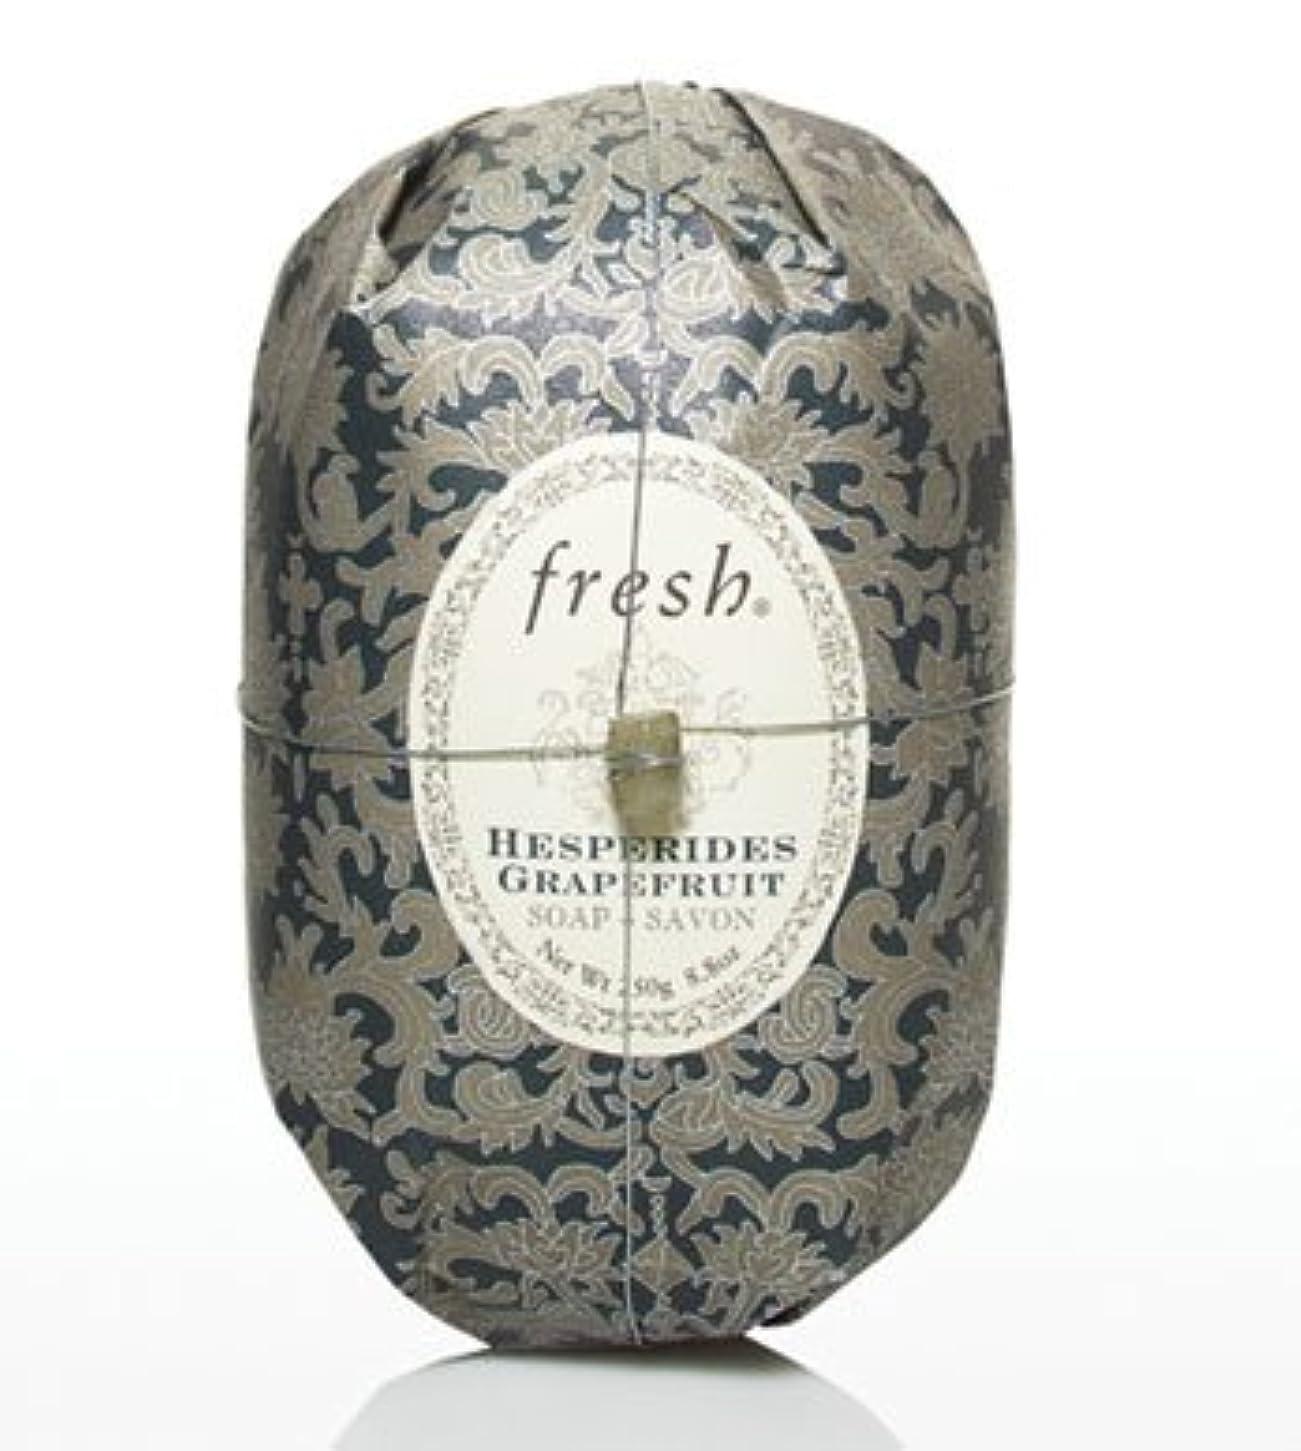 侵略計り知れない文化Fresh HESPERIDES GRAPEFRUIT SOAP (フレッシュ ヘスペリデス グレープフルーツ ソープ) 8.8 oz (250g) Soap (石鹸) by Fresh